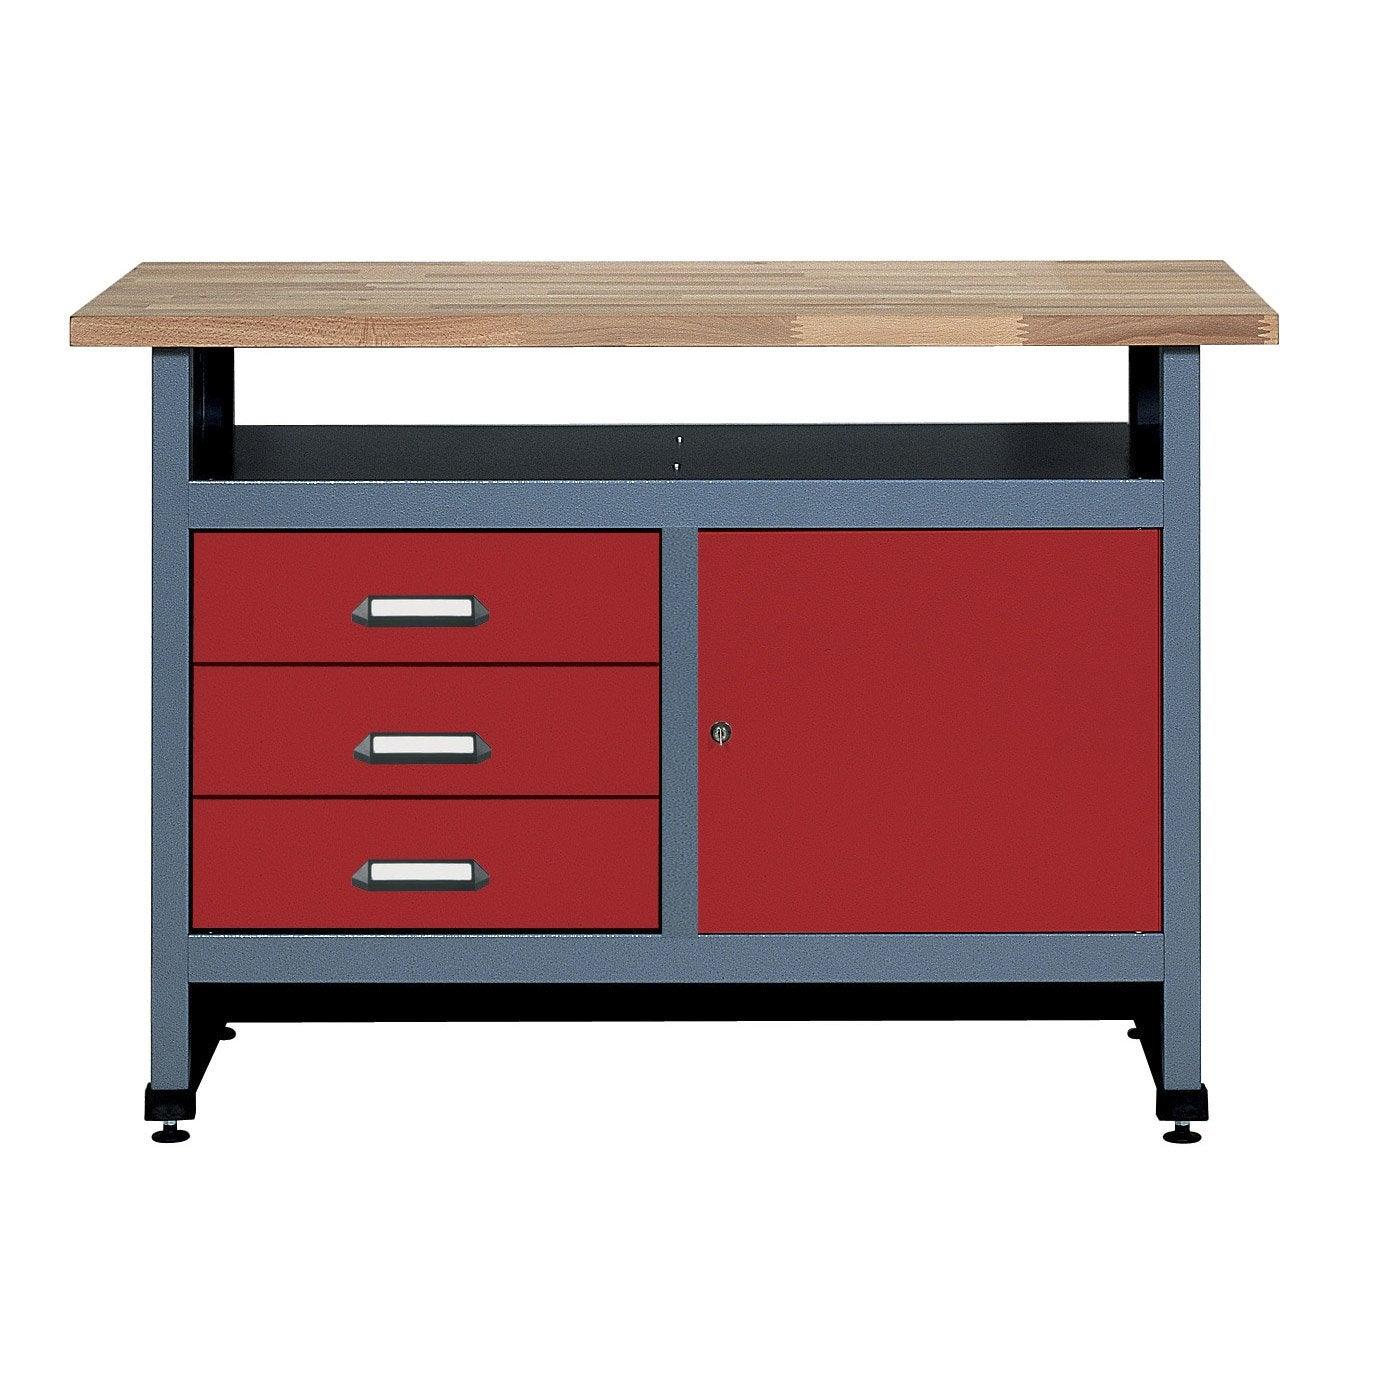 etabli de m canicien kupper 120 cm rouge leroy merlin. Black Bedroom Furniture Sets. Home Design Ideas